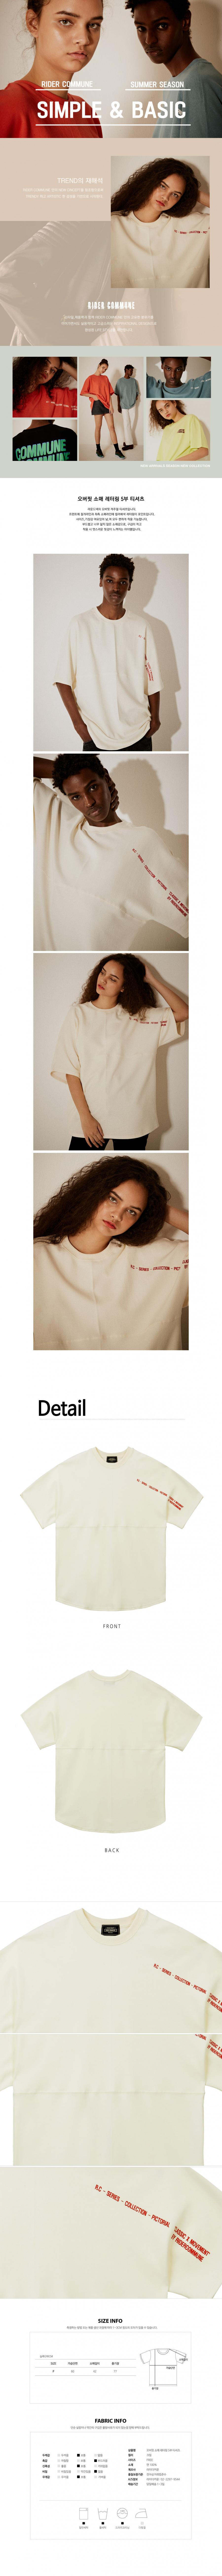 라이더커뮨(RIDER COMMUNE) 오버핏 소매 레터링 5부 티셔츠 - 크림컬러 (남여공용)